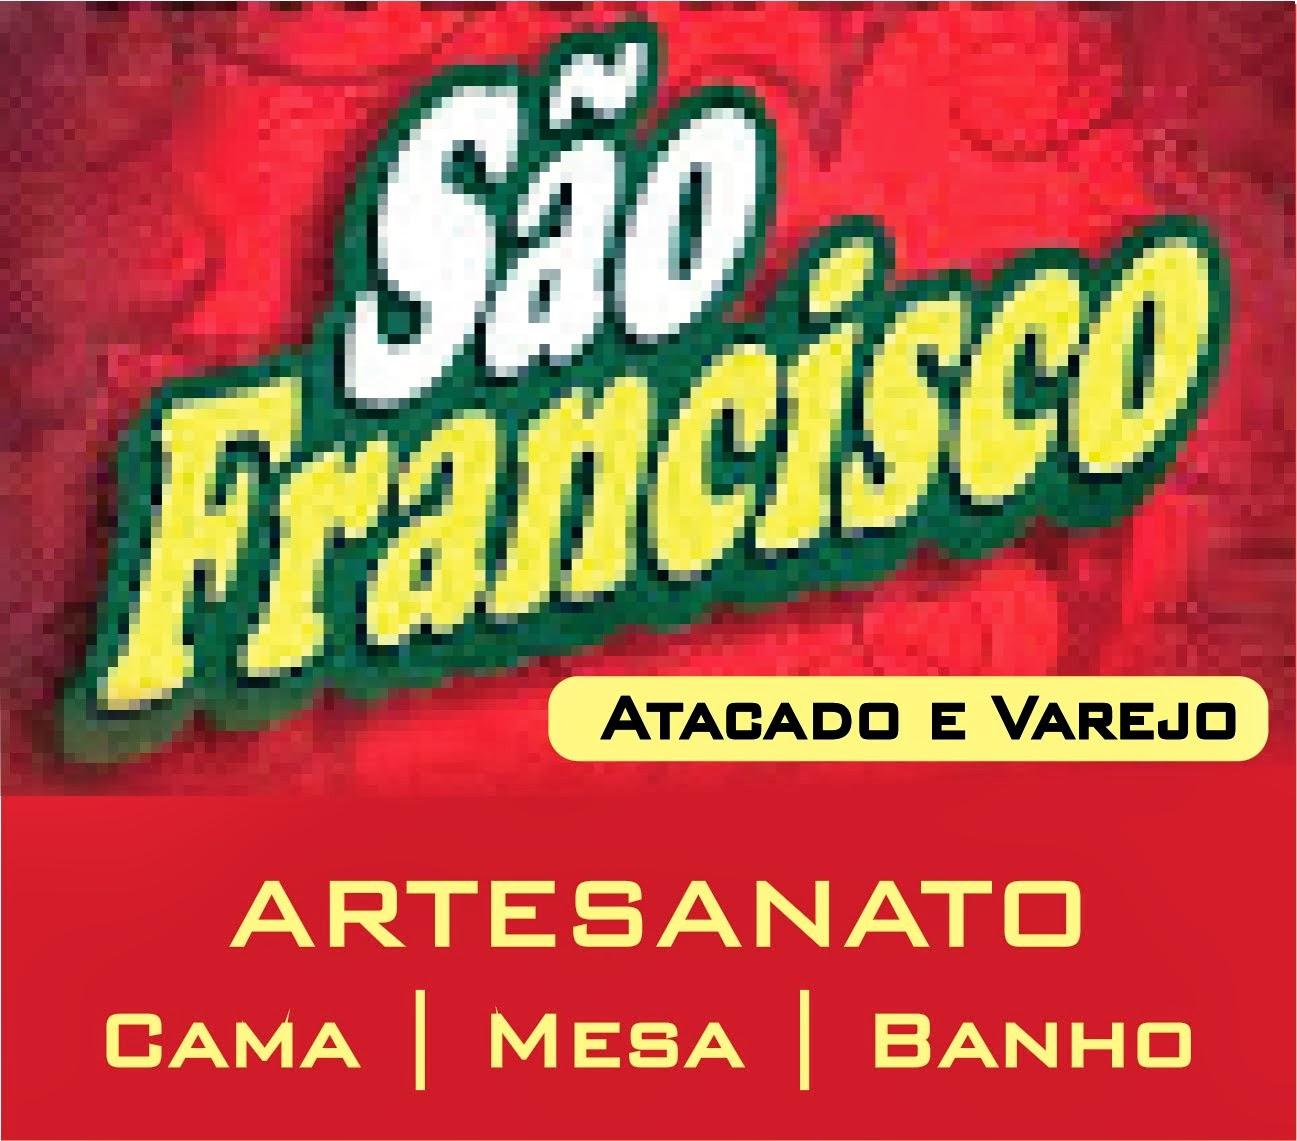 ARTESANATO É NOSSO FORTE